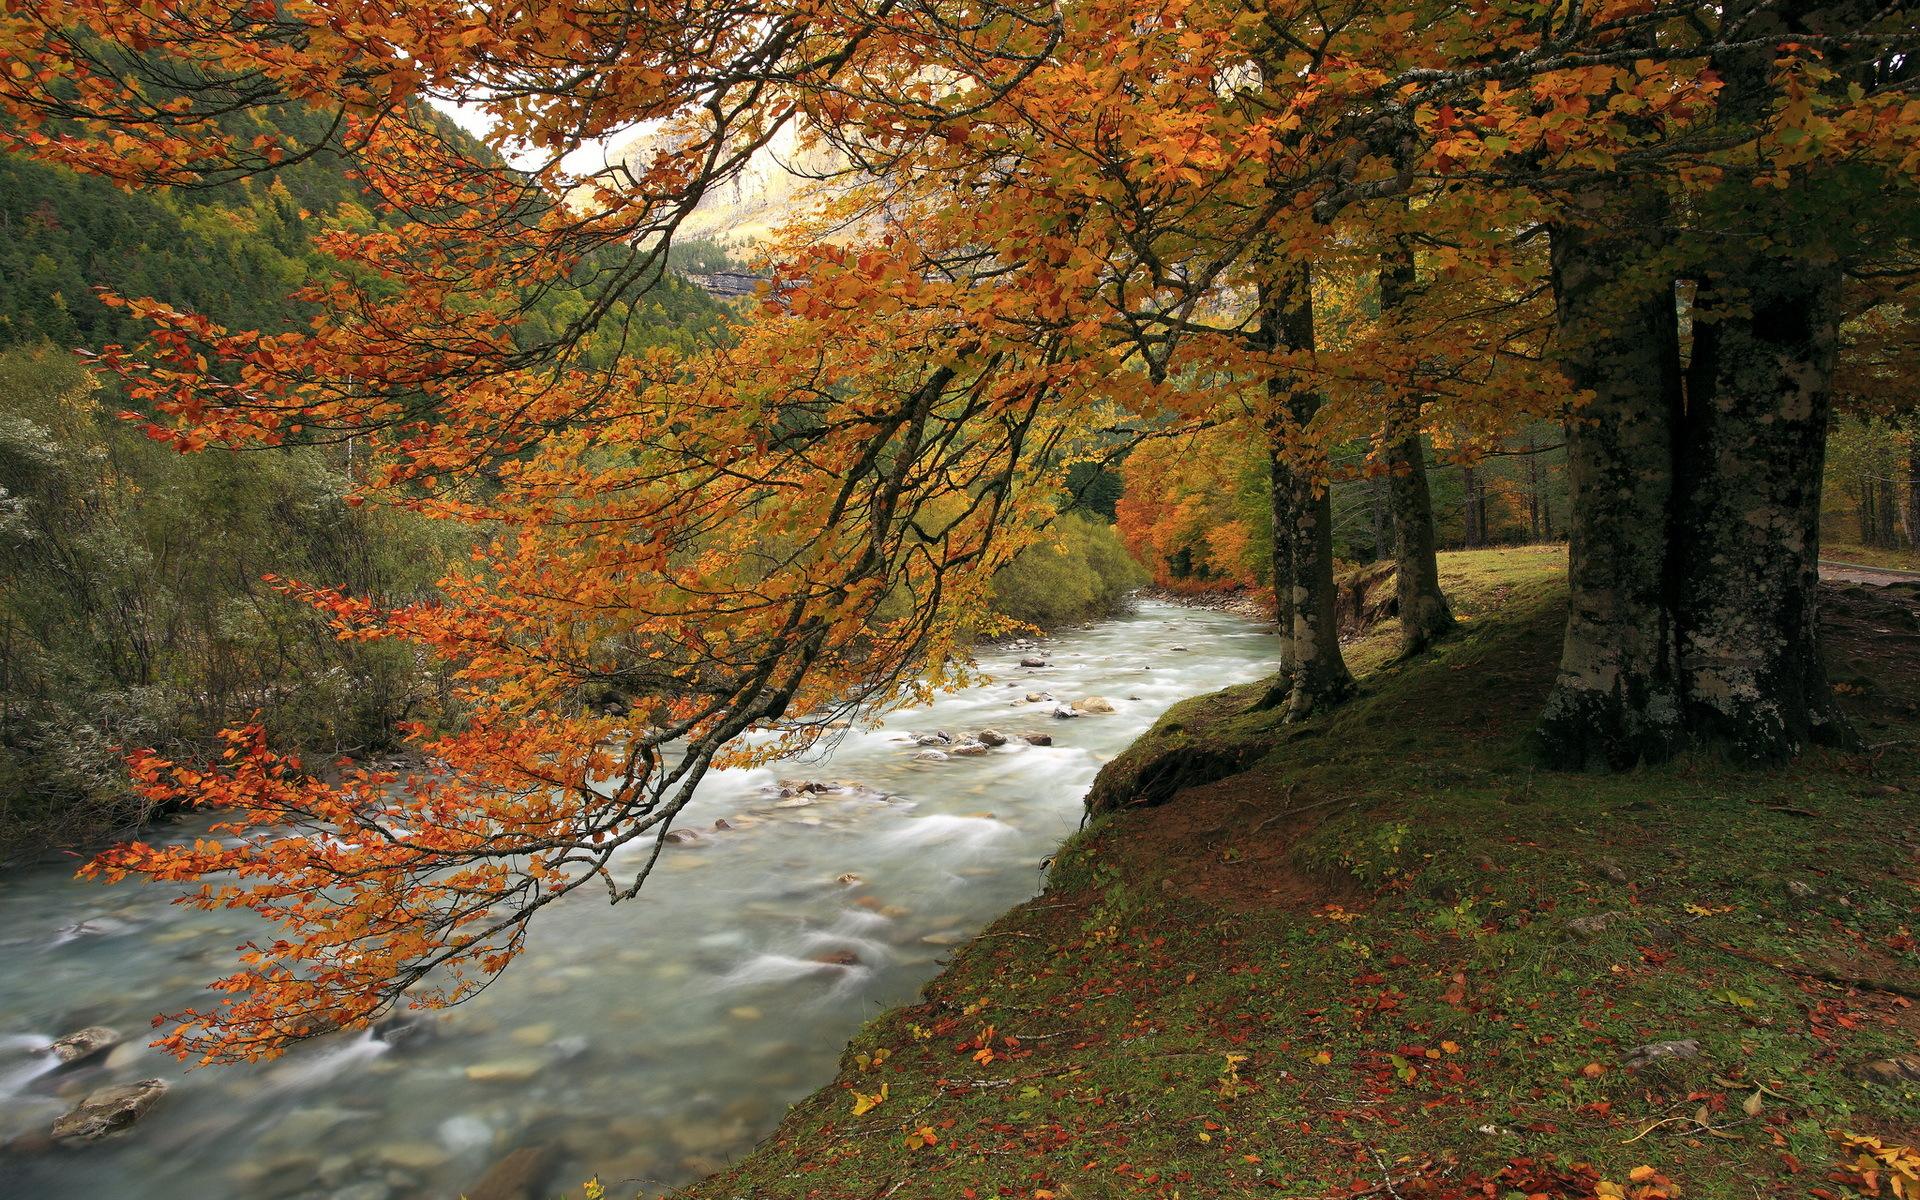 Galaxy S4 Fall Wallpaper Forest Autumn River Hd Wallpaper